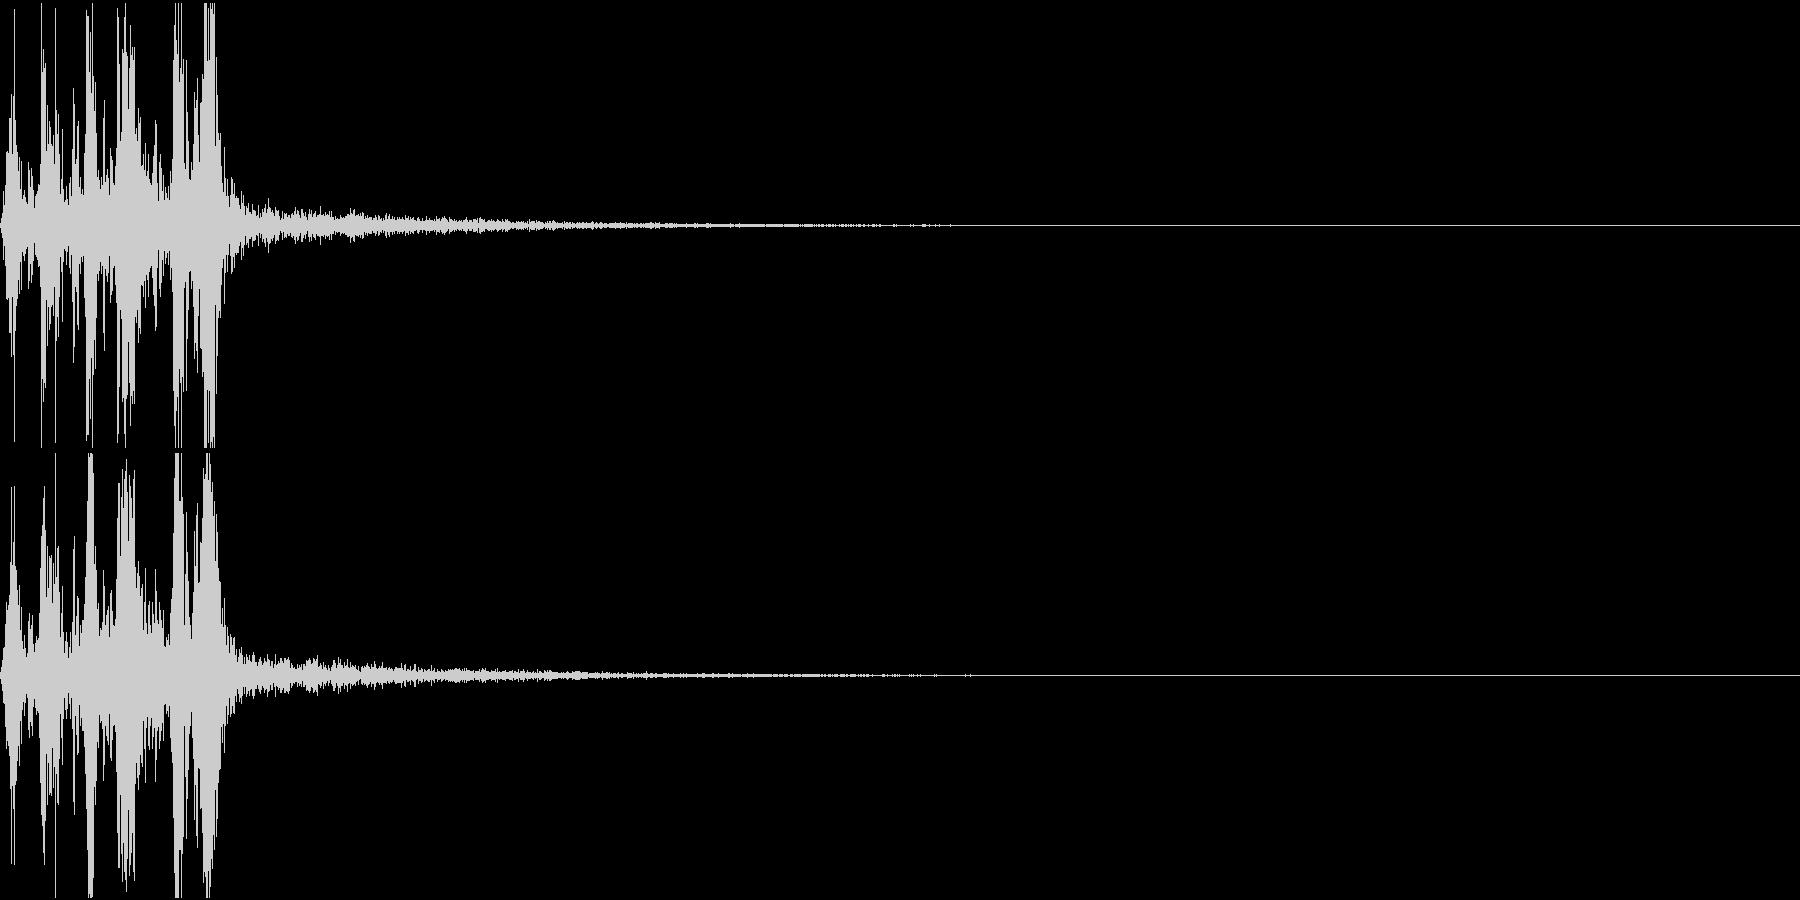 Camera 室内撮影 シャッター音 8の未再生の波形